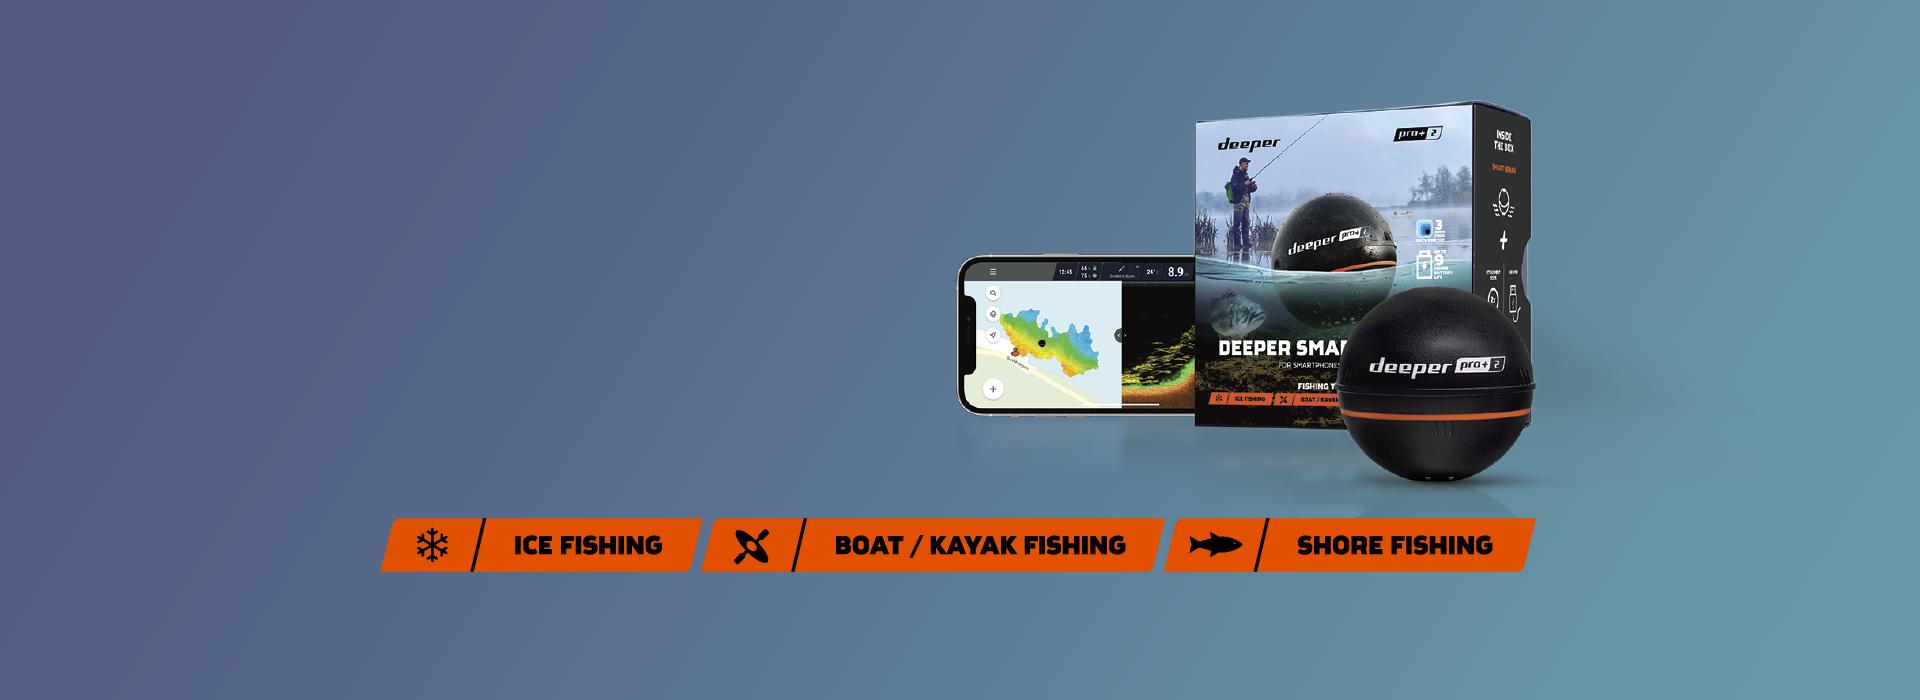 Новый Deeper PRO+ 2! Любимый рыбаками всего мира. Теперь еще лучше, чем раньше.